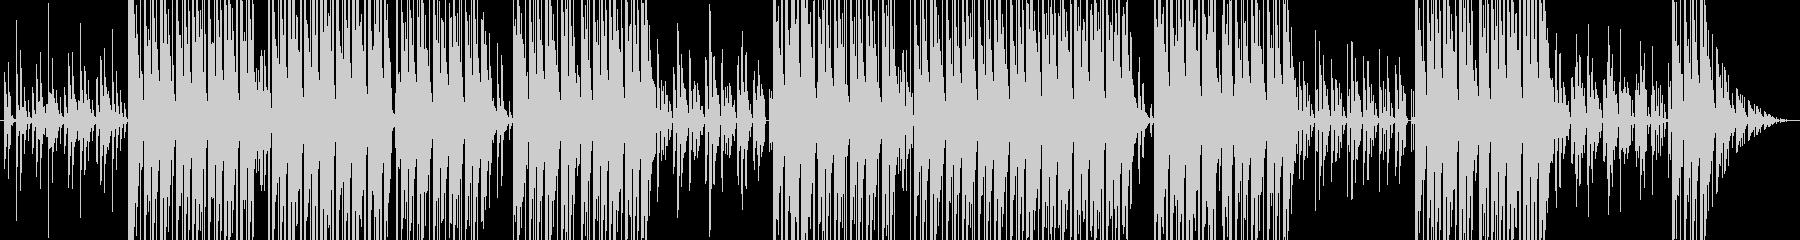 DJが作る踊れるhiphopビートの未再生の波形